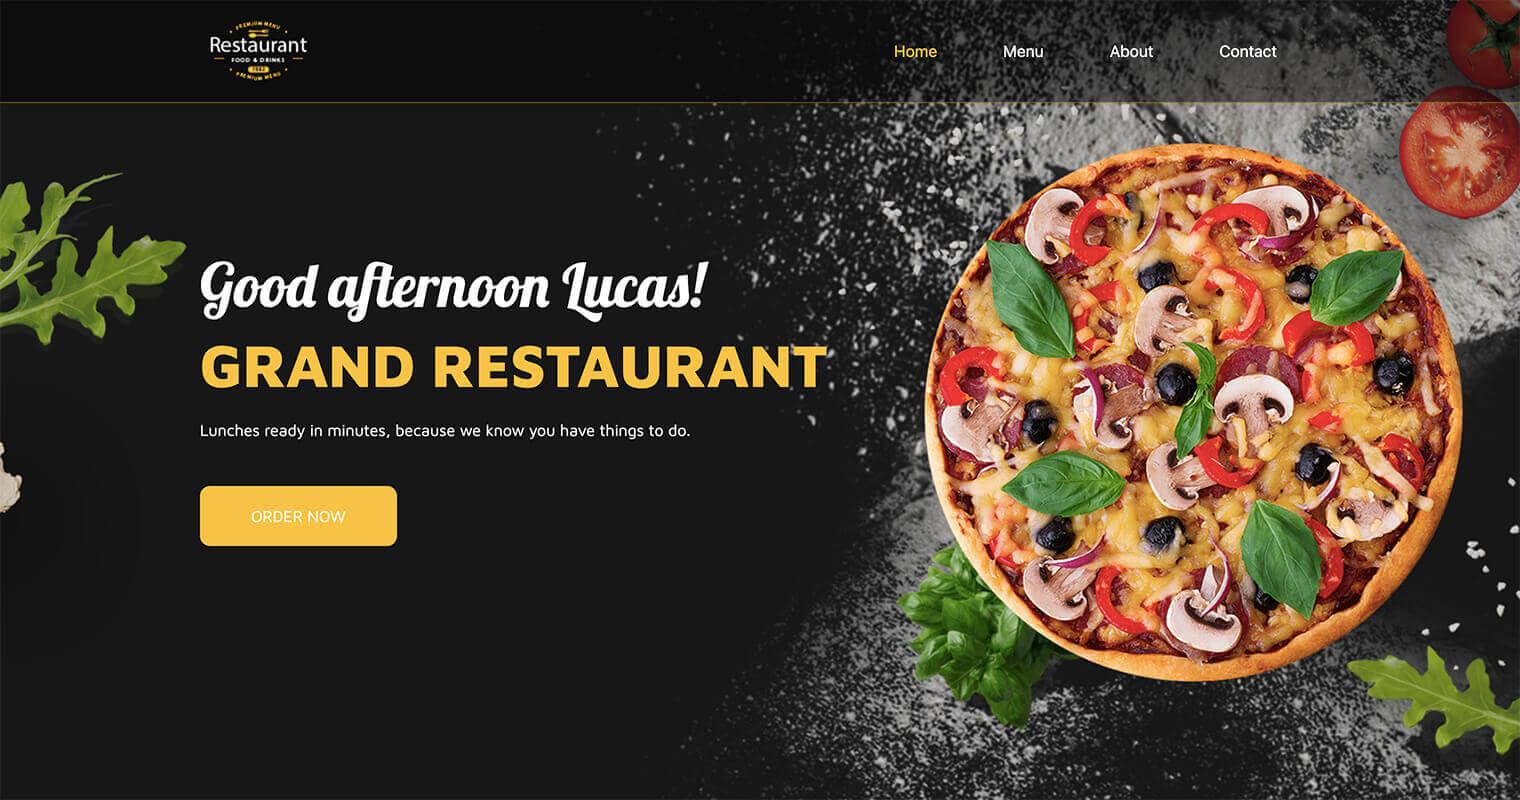 Hero-personalization-digital-marketing-automation